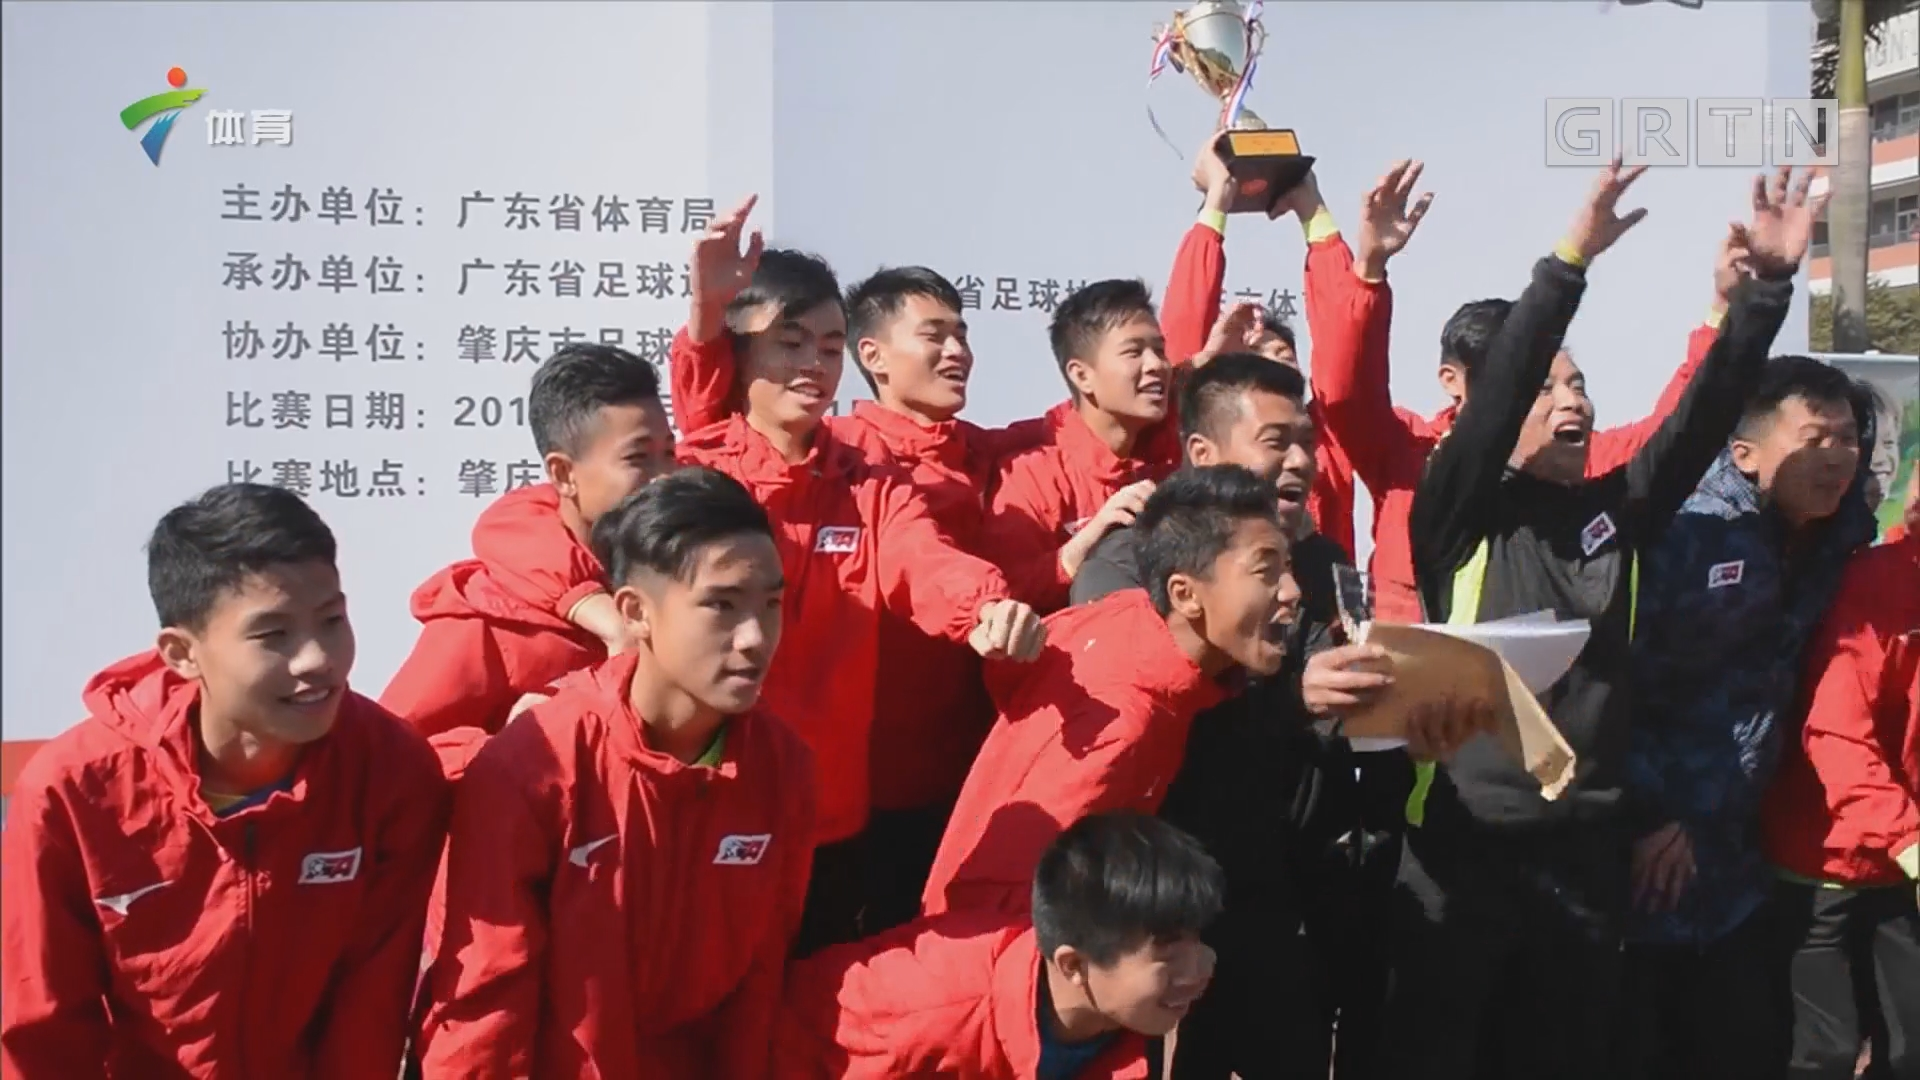 广东省青少年男足乙组锦标赛收官 广州勇夺冠军